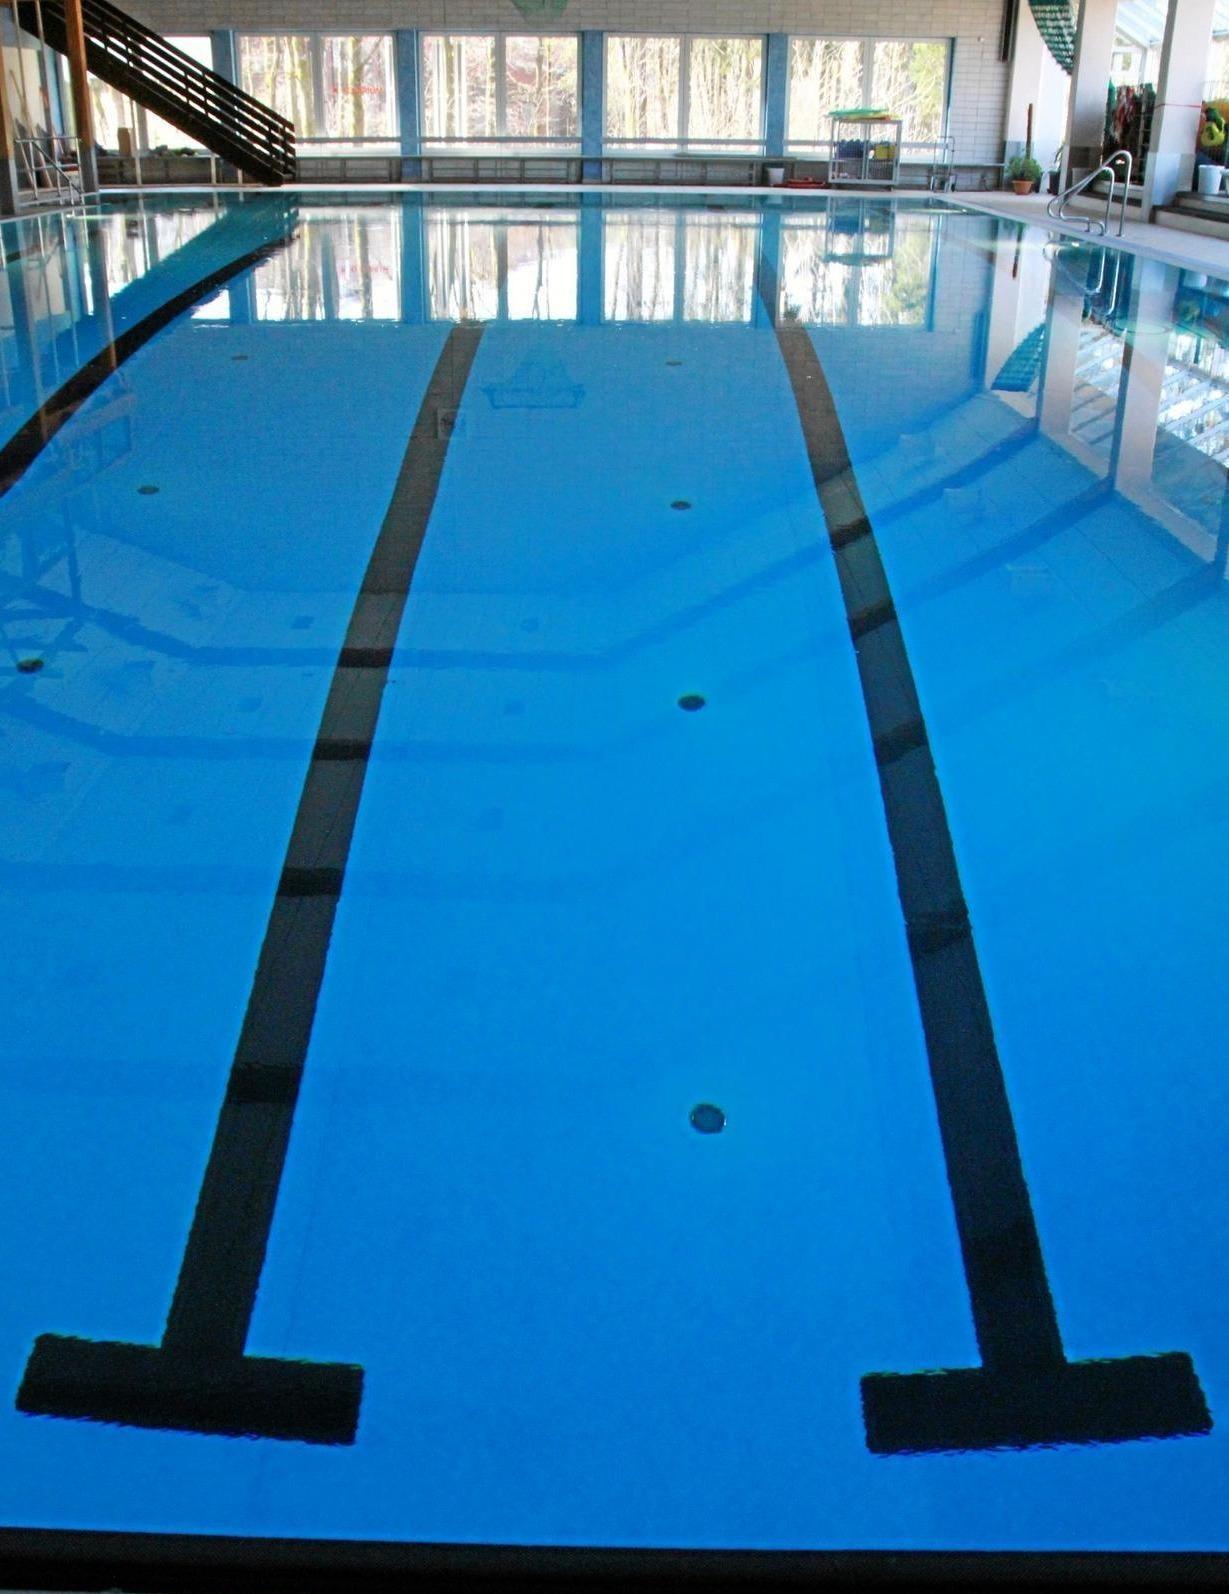 Freizeitbad: Wartung und Sanierung